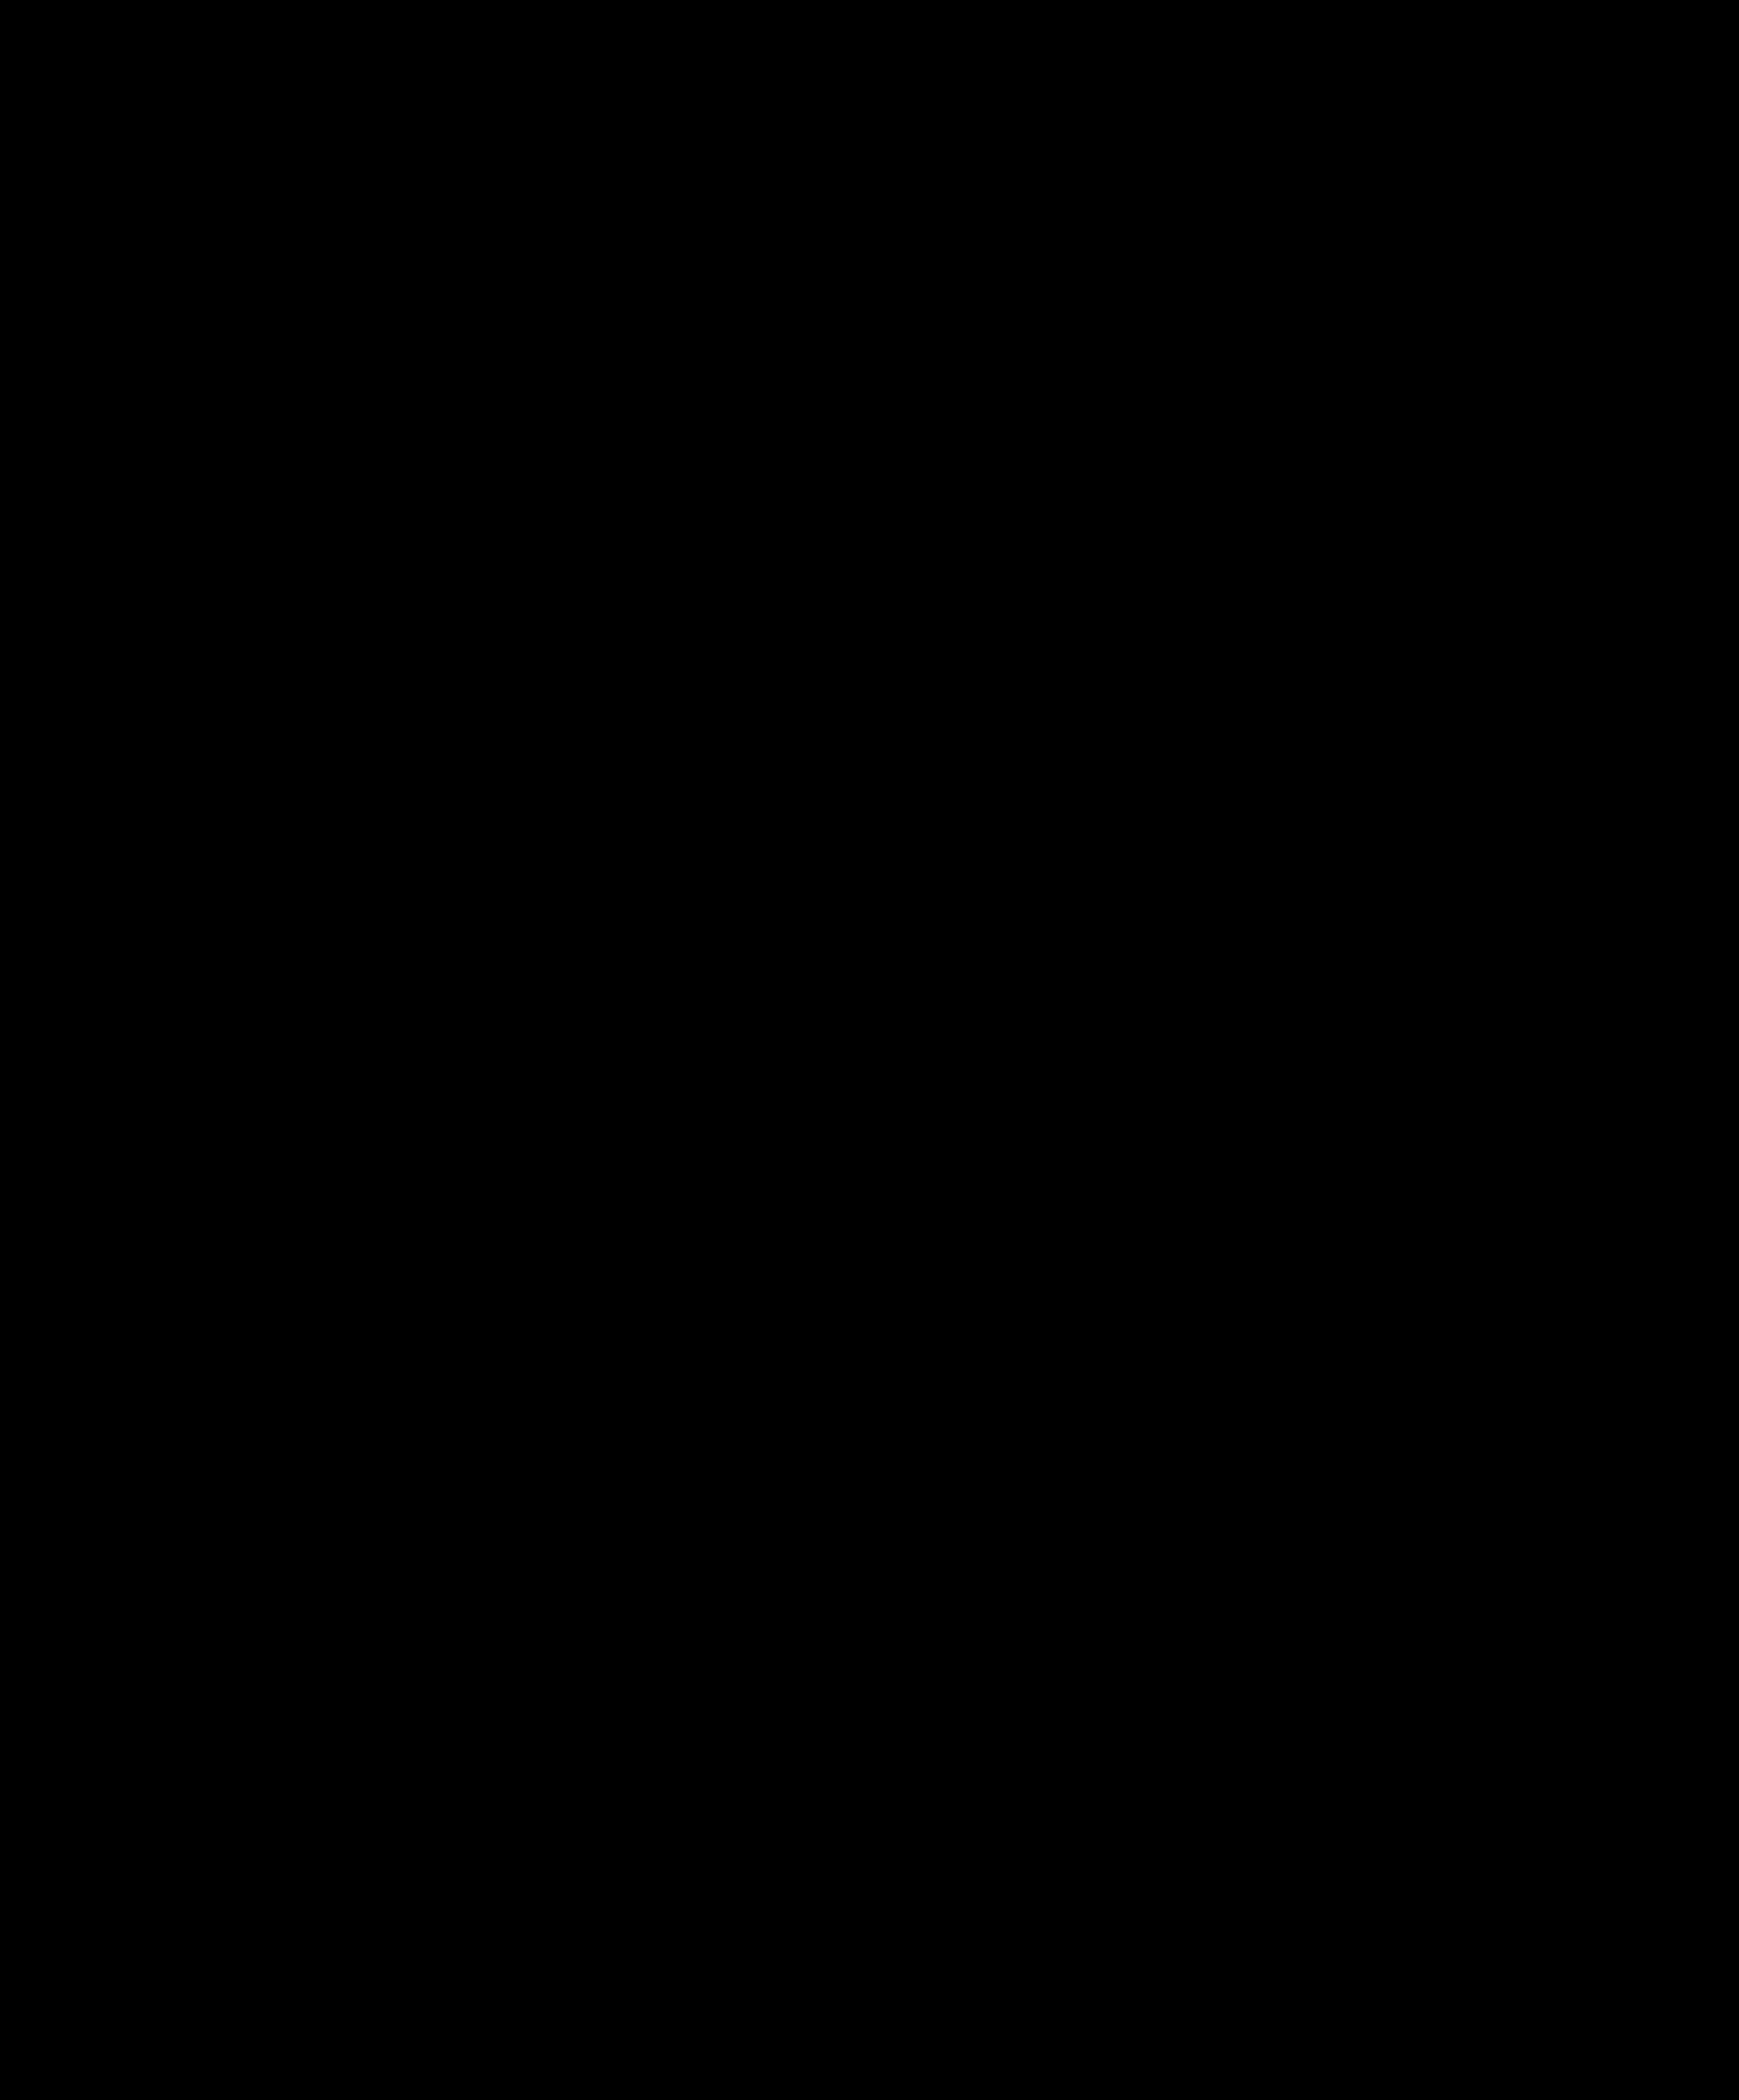 vector transparent download Clipart